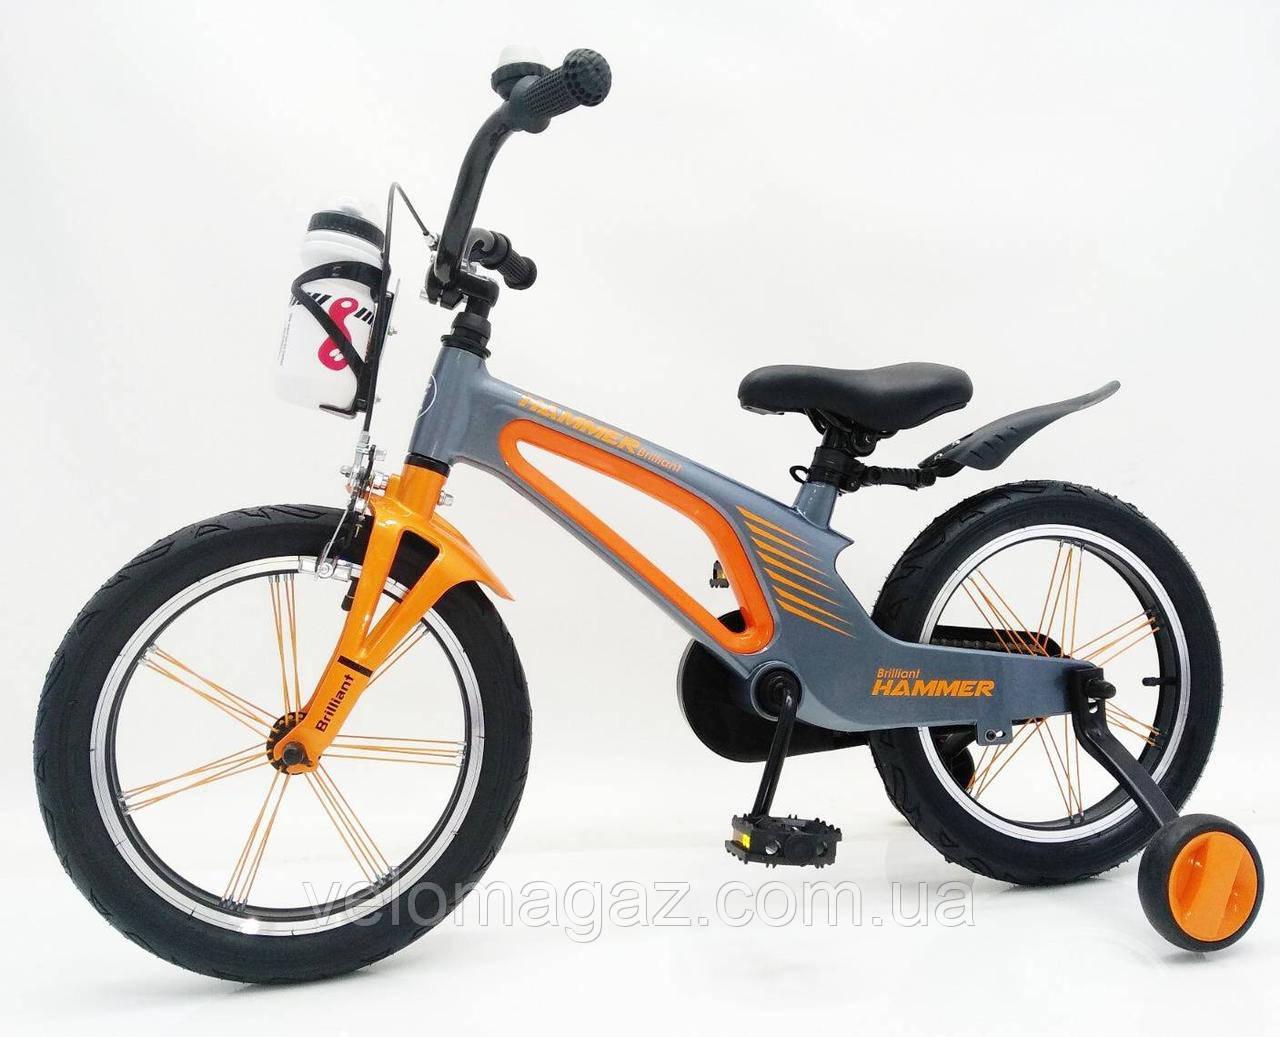 """Дитячий магнієвий велосипед 16"""" Brilliant HMR-880, сріблясто-помаранчевий"""